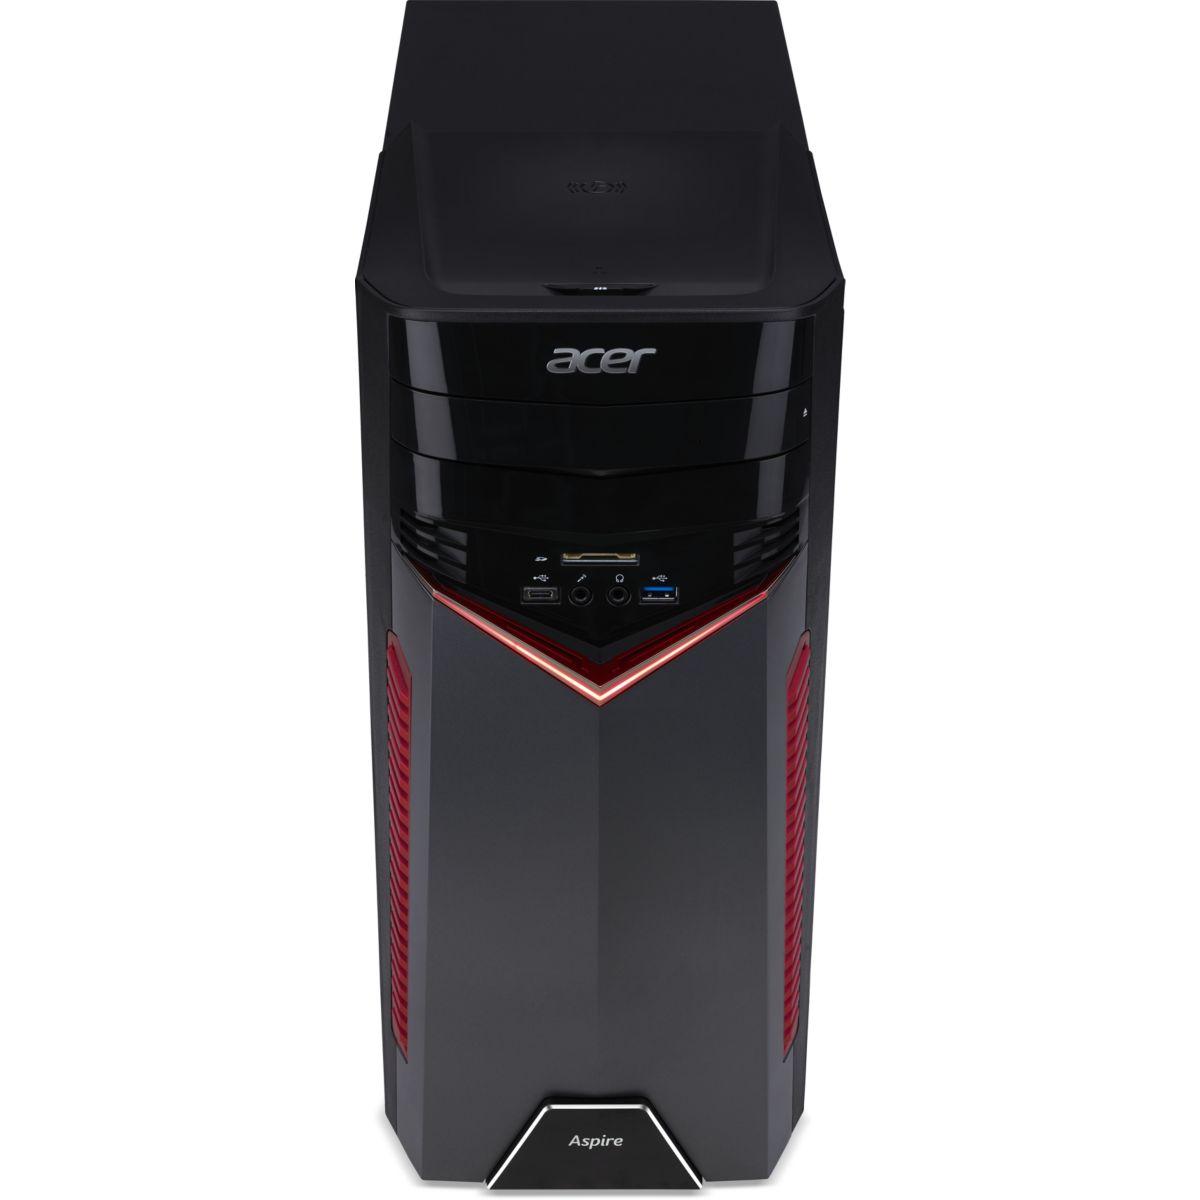 Ordi ACER Aspire GX-781-021